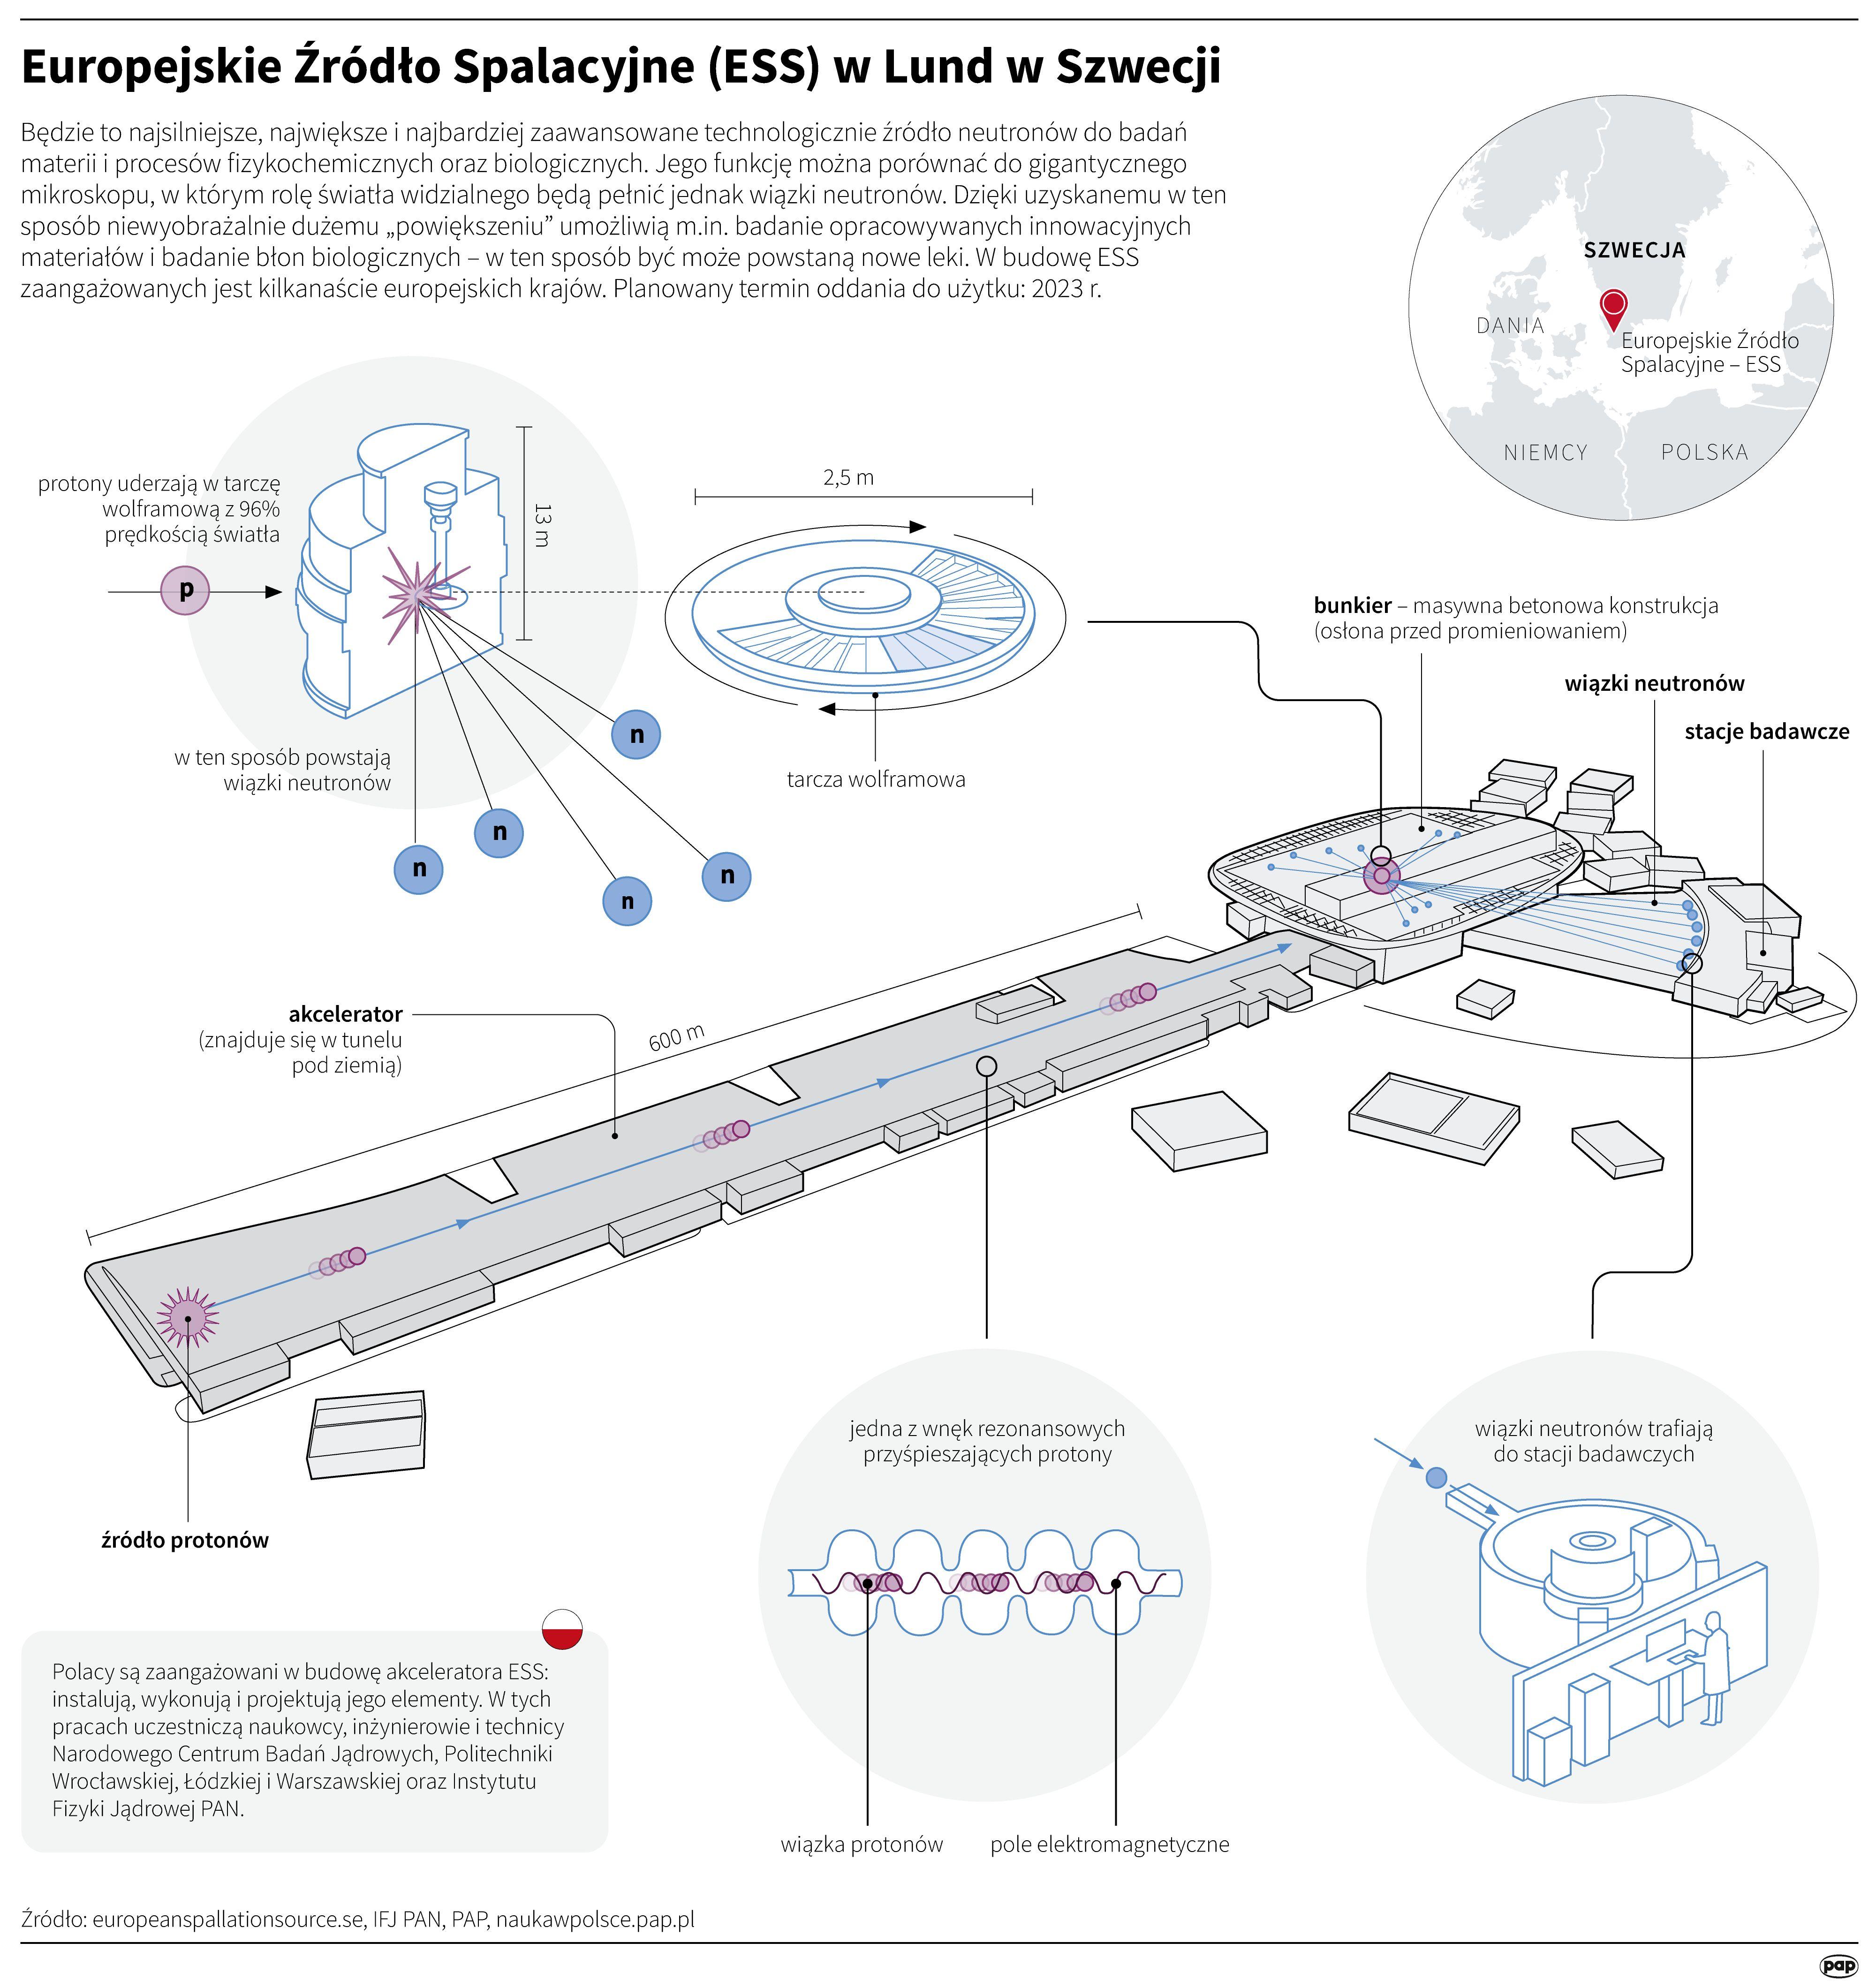 Najsilniejsze Na Swiecie Zrodlo Neutronow Do Badan Materii Gotowe W